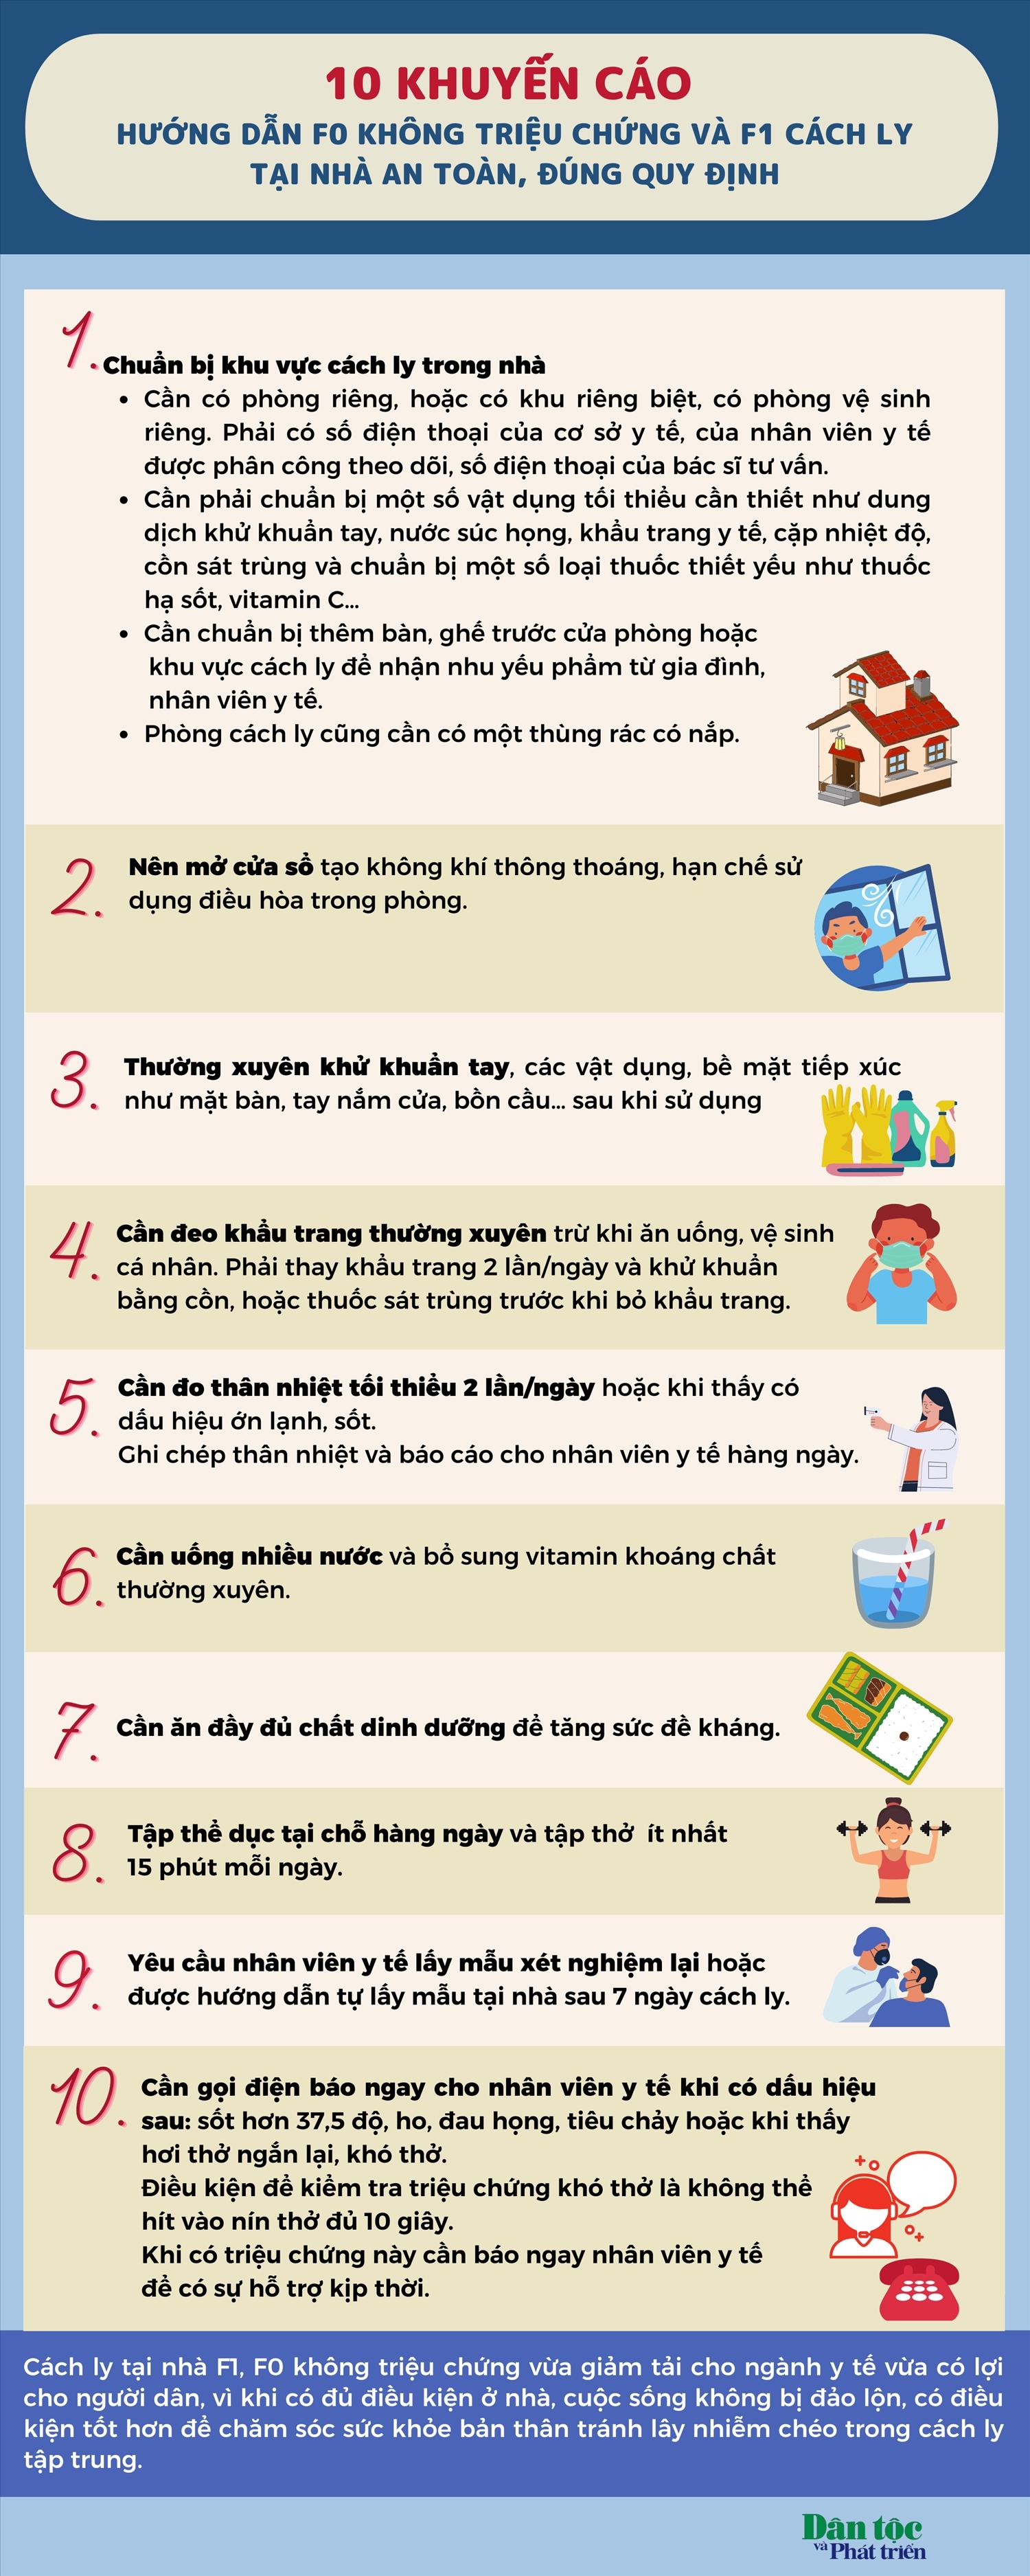 10 khuyến cáo hướng dẫn F0 không triệu chứng và F1 cách ly tại nhà an toàn, đúng quy định